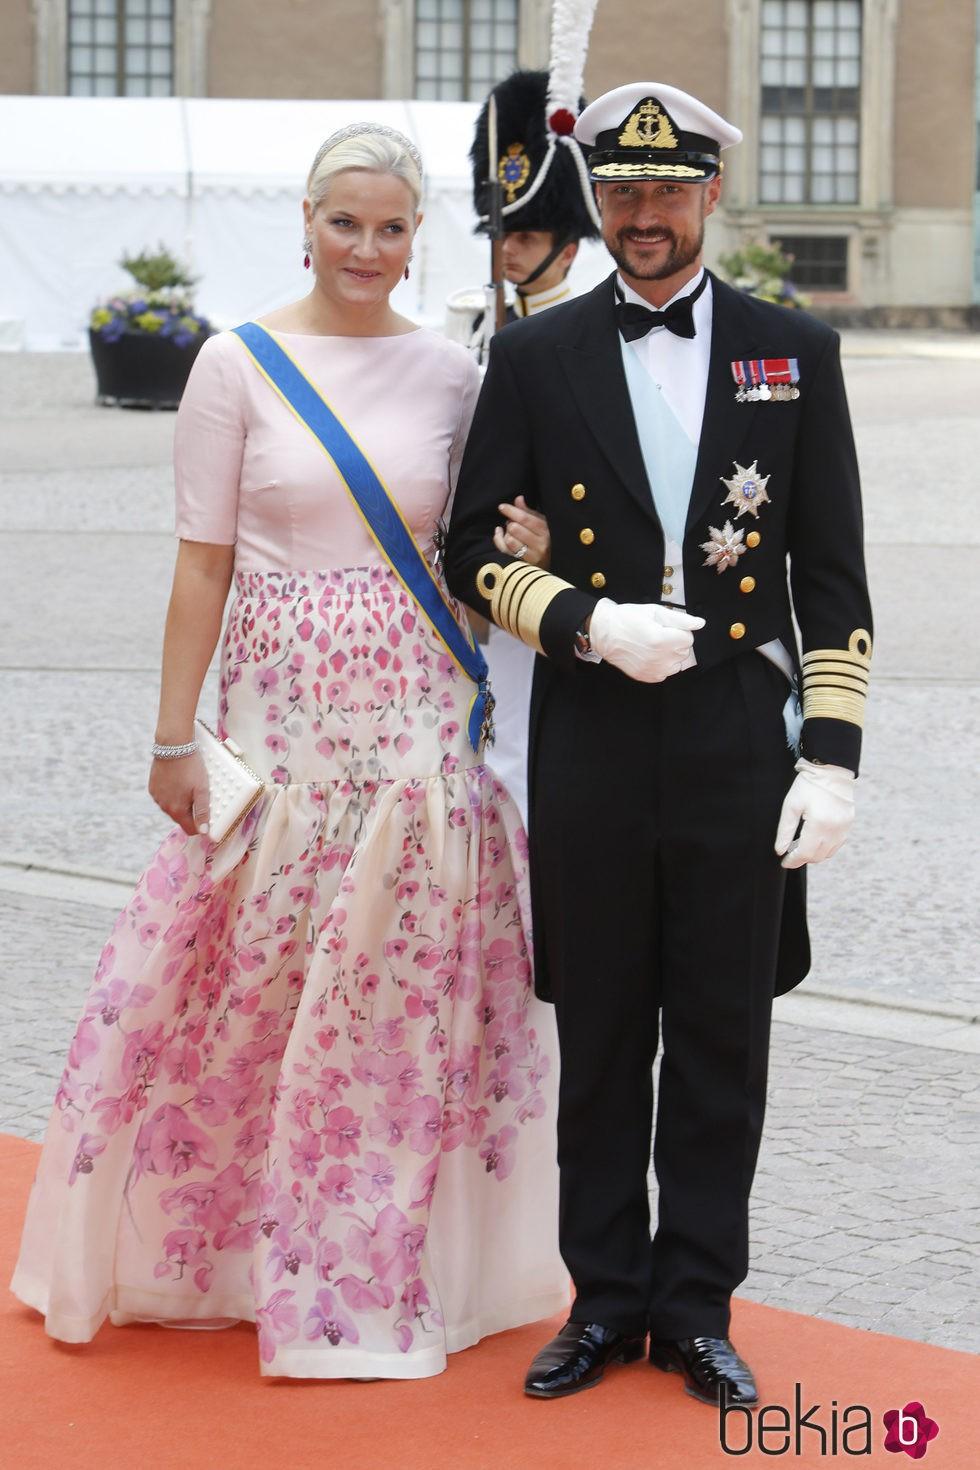 75942_haakon-mette-marit-noruega-boda-caros-felipe-sofia.jpg